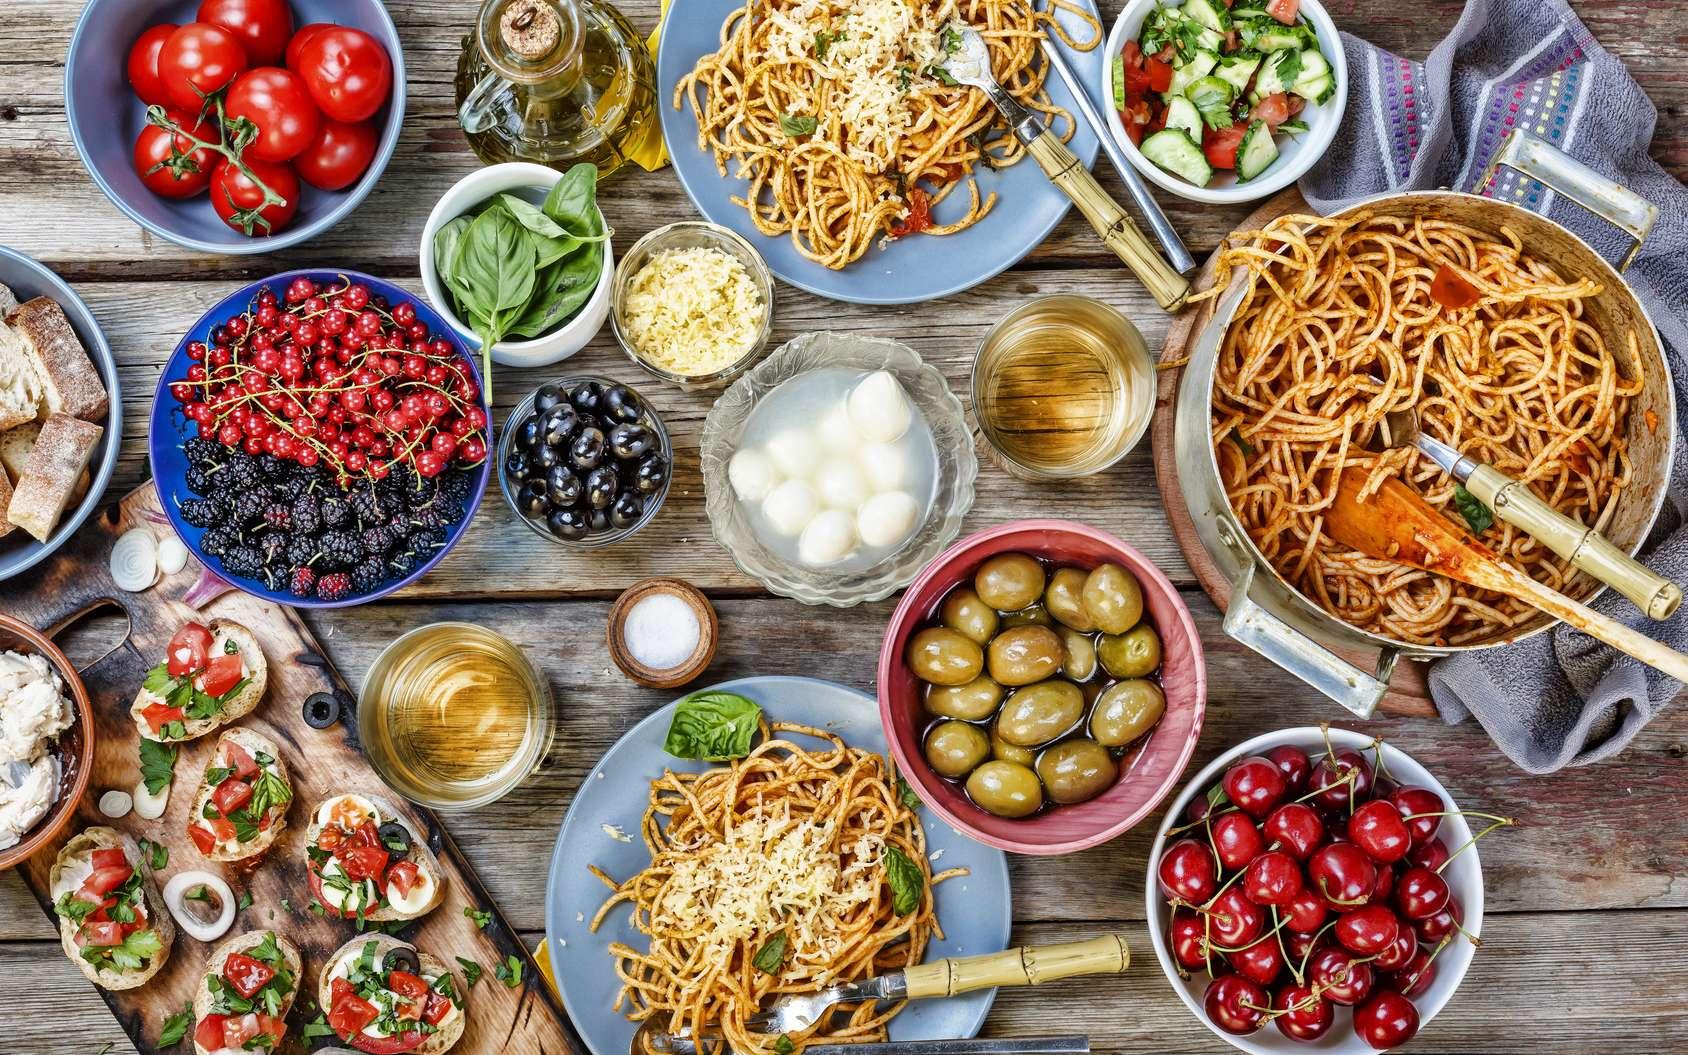 Le marketing fait passer certains aliments comme diététiques, ce qui n'est pas toujours le cas. © gannamartysheva, Fotolia